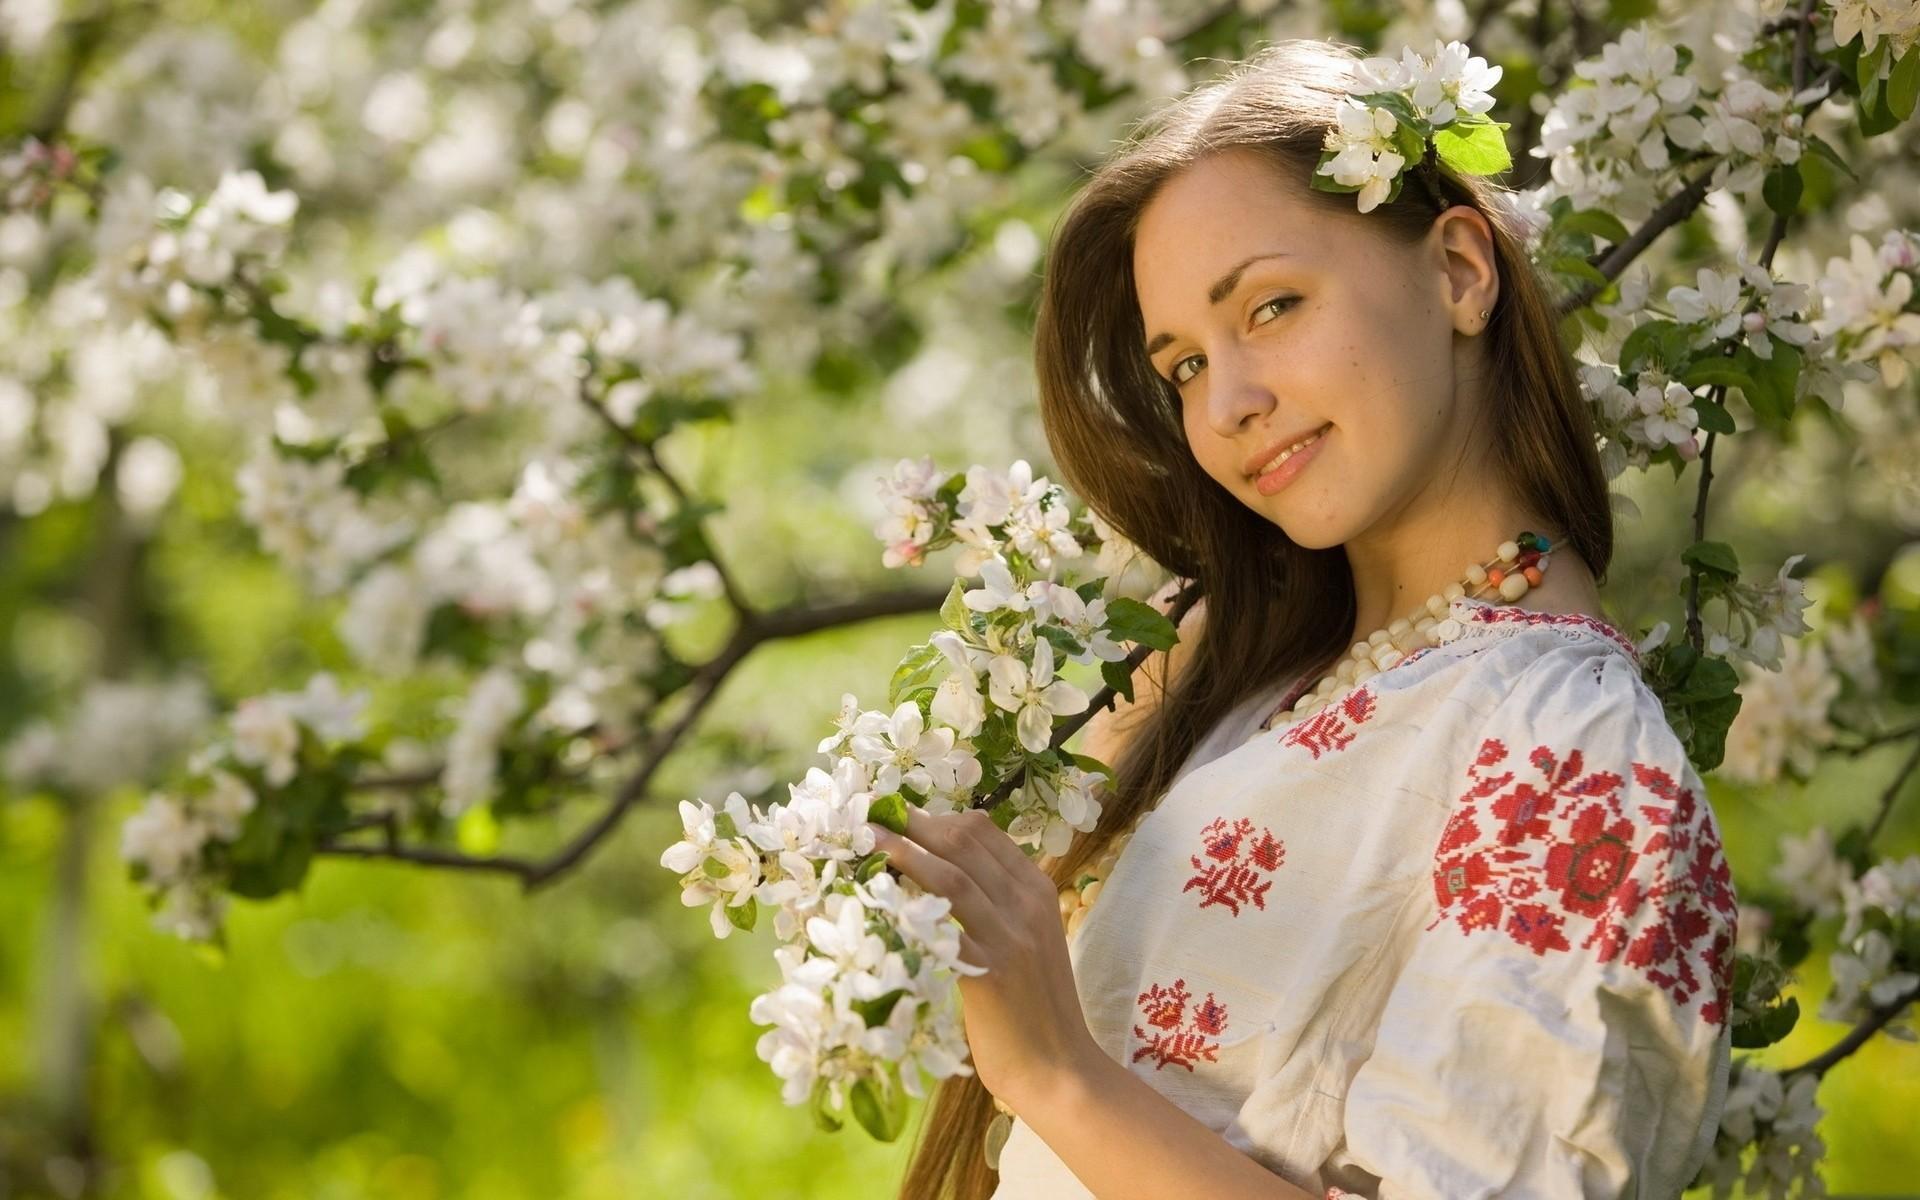 Хочете відсвяткувати річницю незалежності україни в національному вбранні, але ще не маєте власної вишиванки?